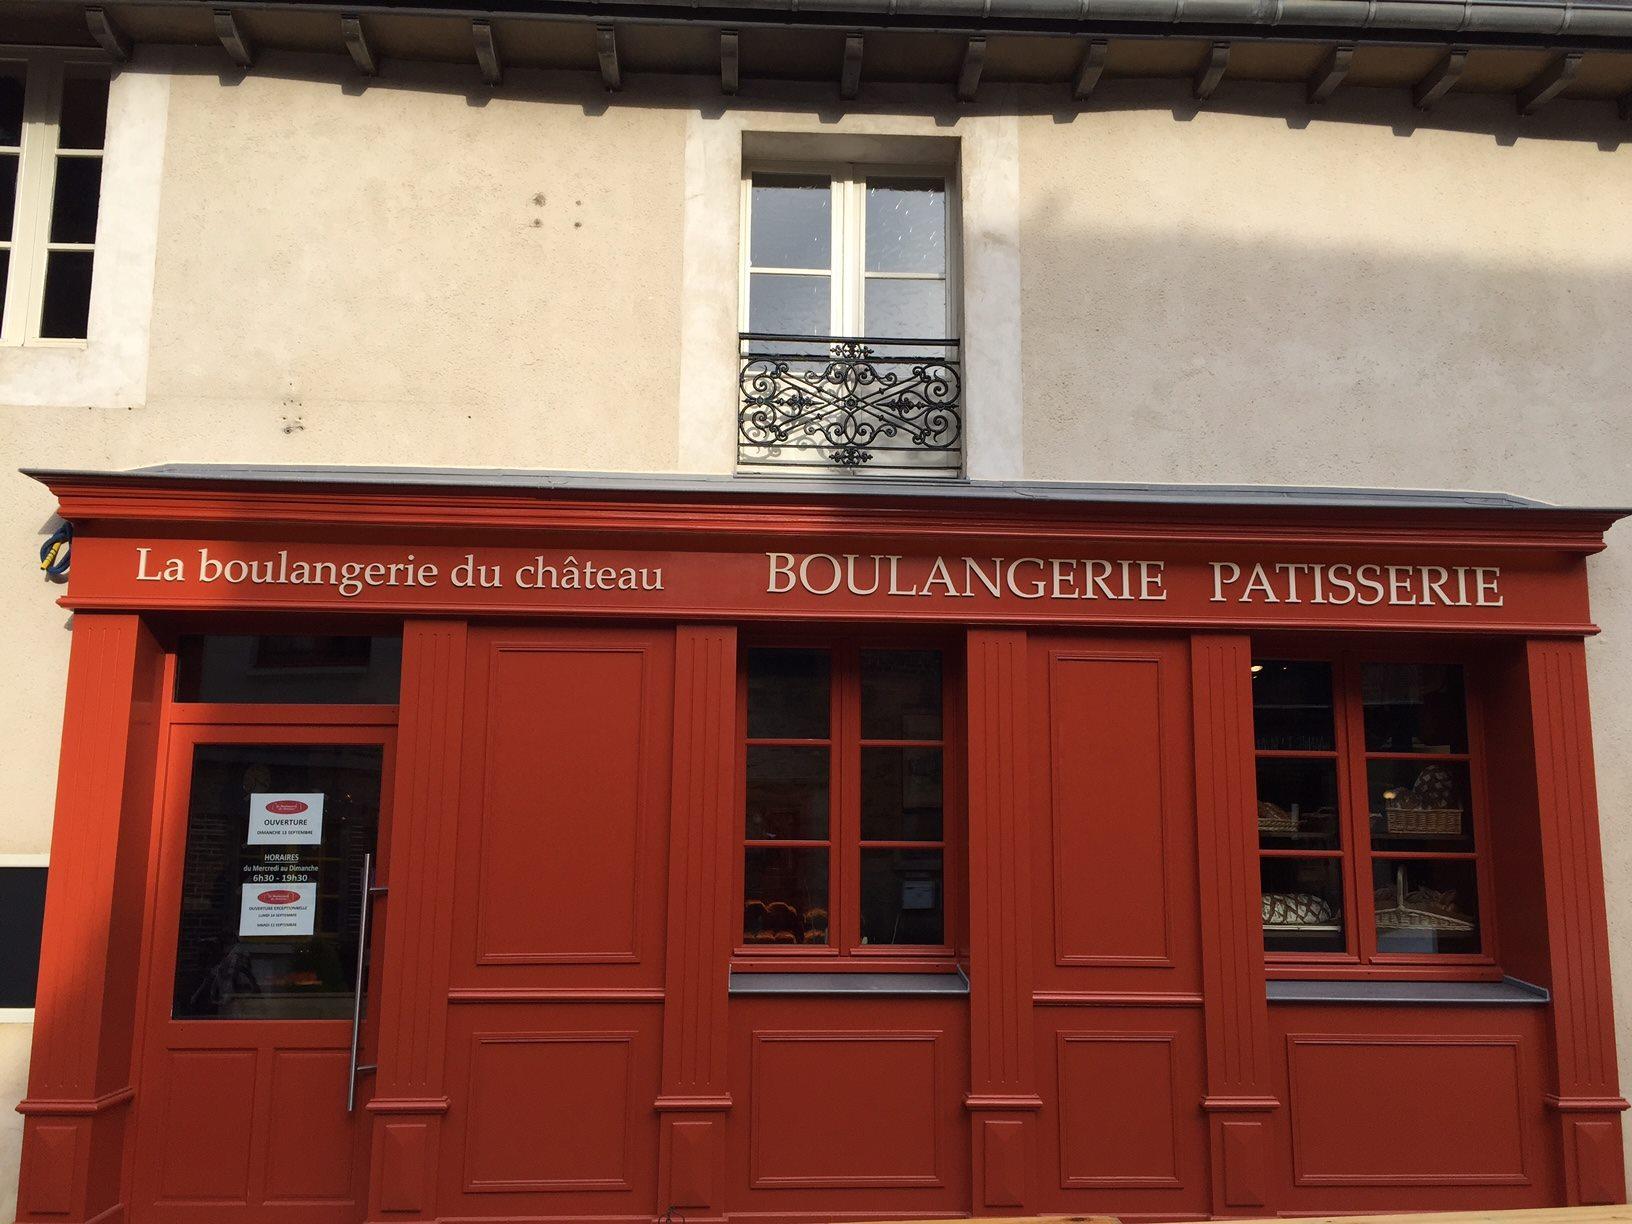 Boulangerie du ch teau castelactiv 39 for Garage peugeot chateaugiron